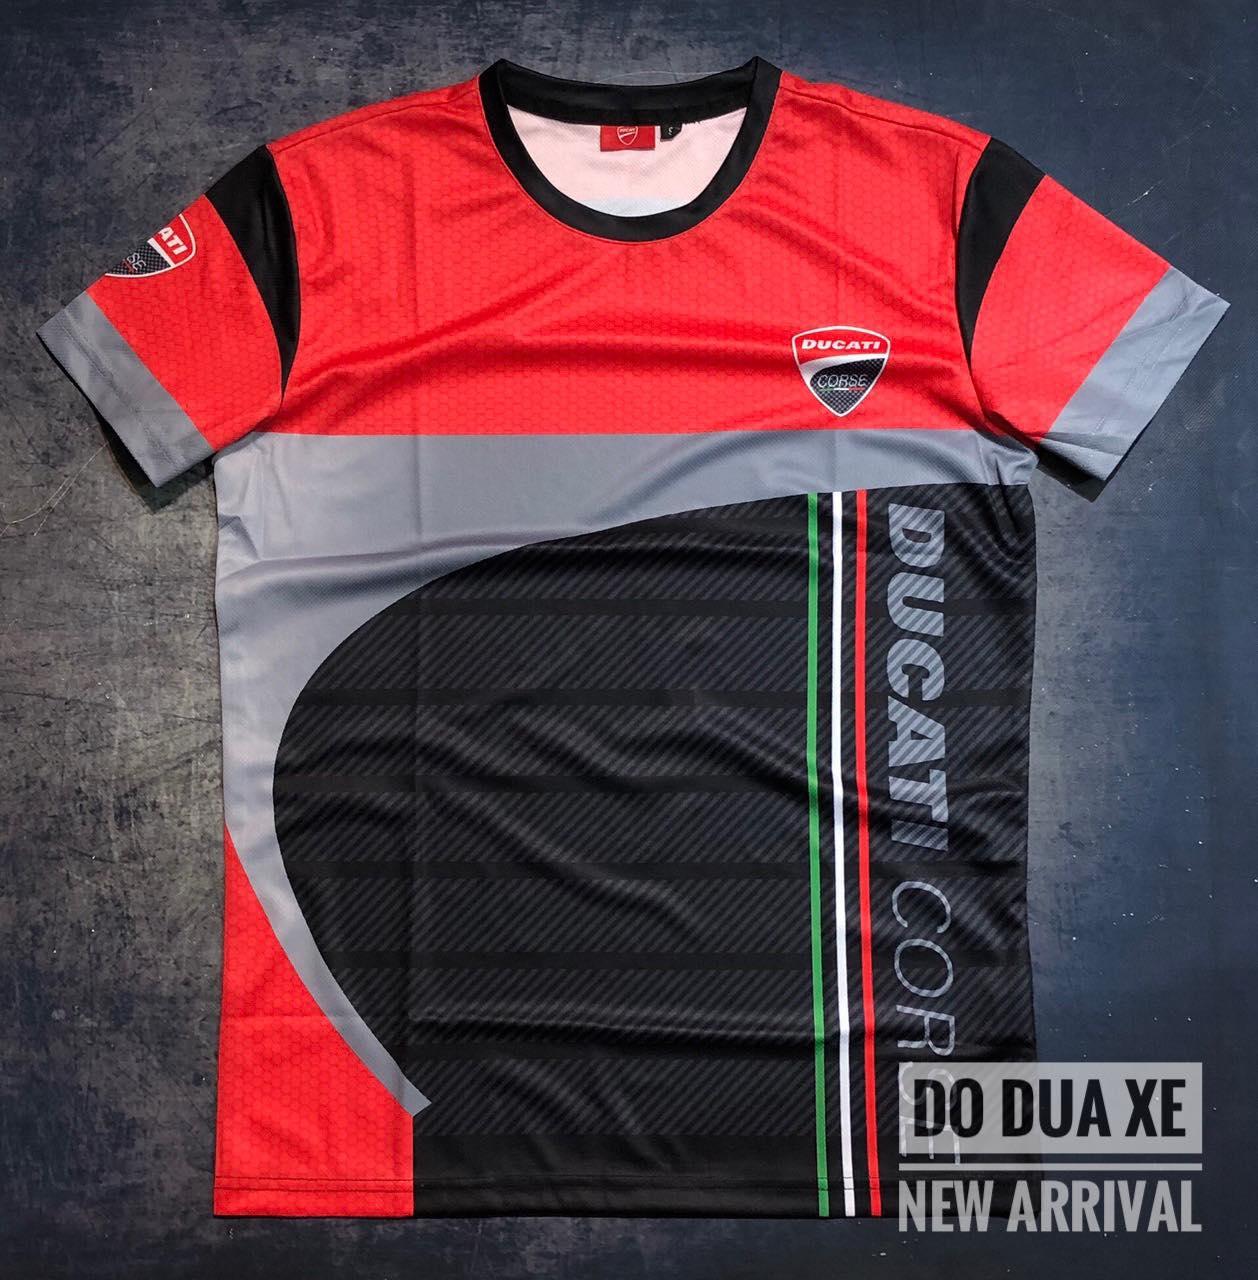 doduaxe.com: Chuyên cung cấp quần áo phụ kiện đua xe - 4